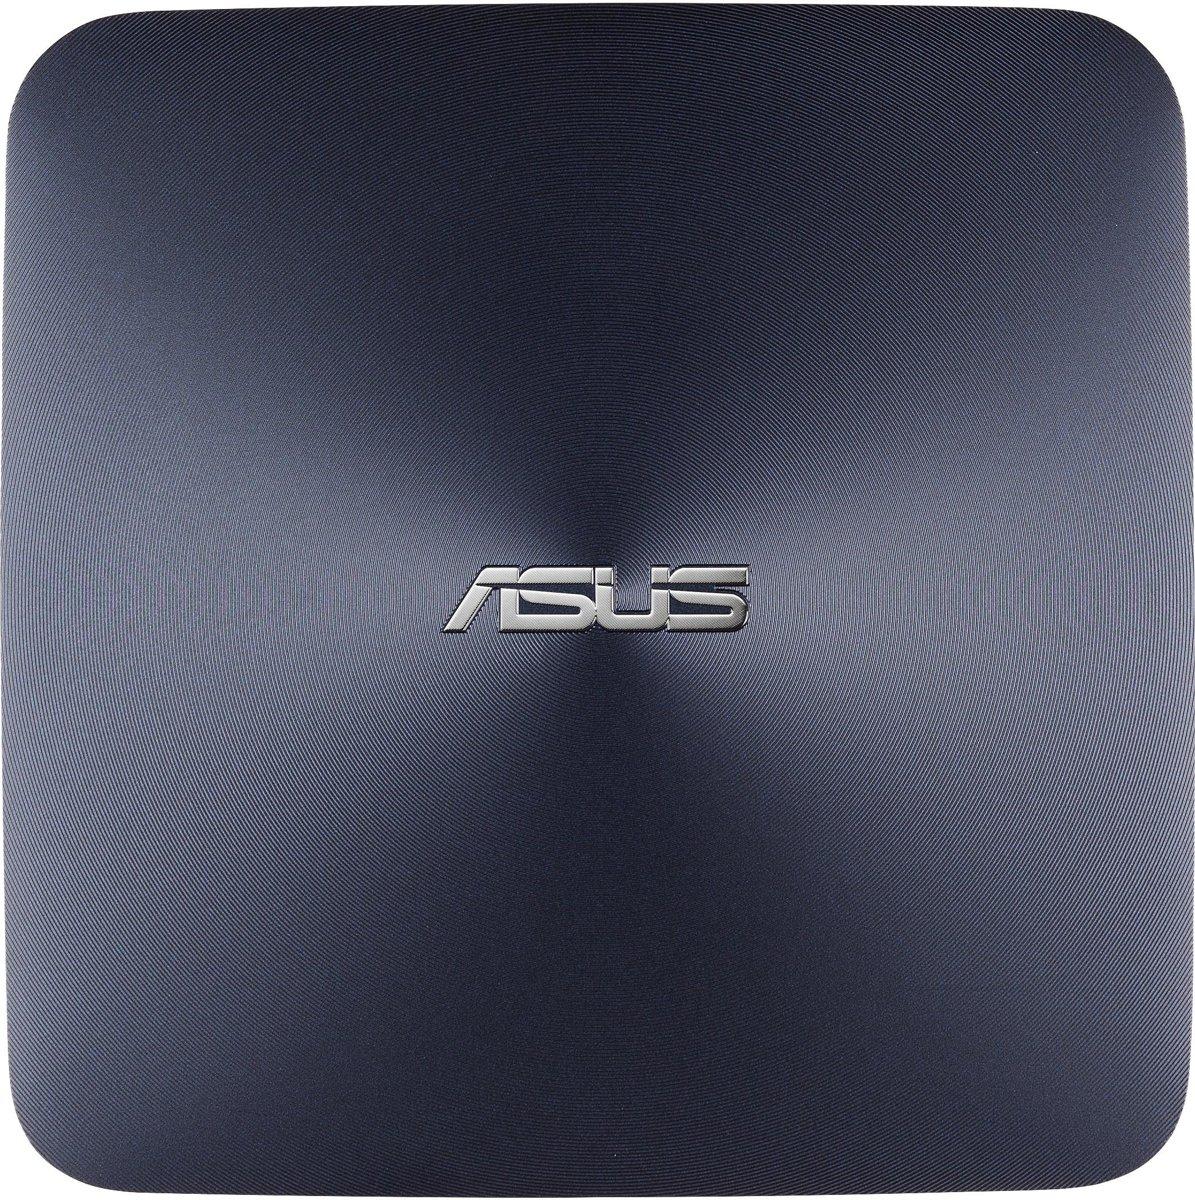 Asus UN65H-M227M - Barebone voor €225